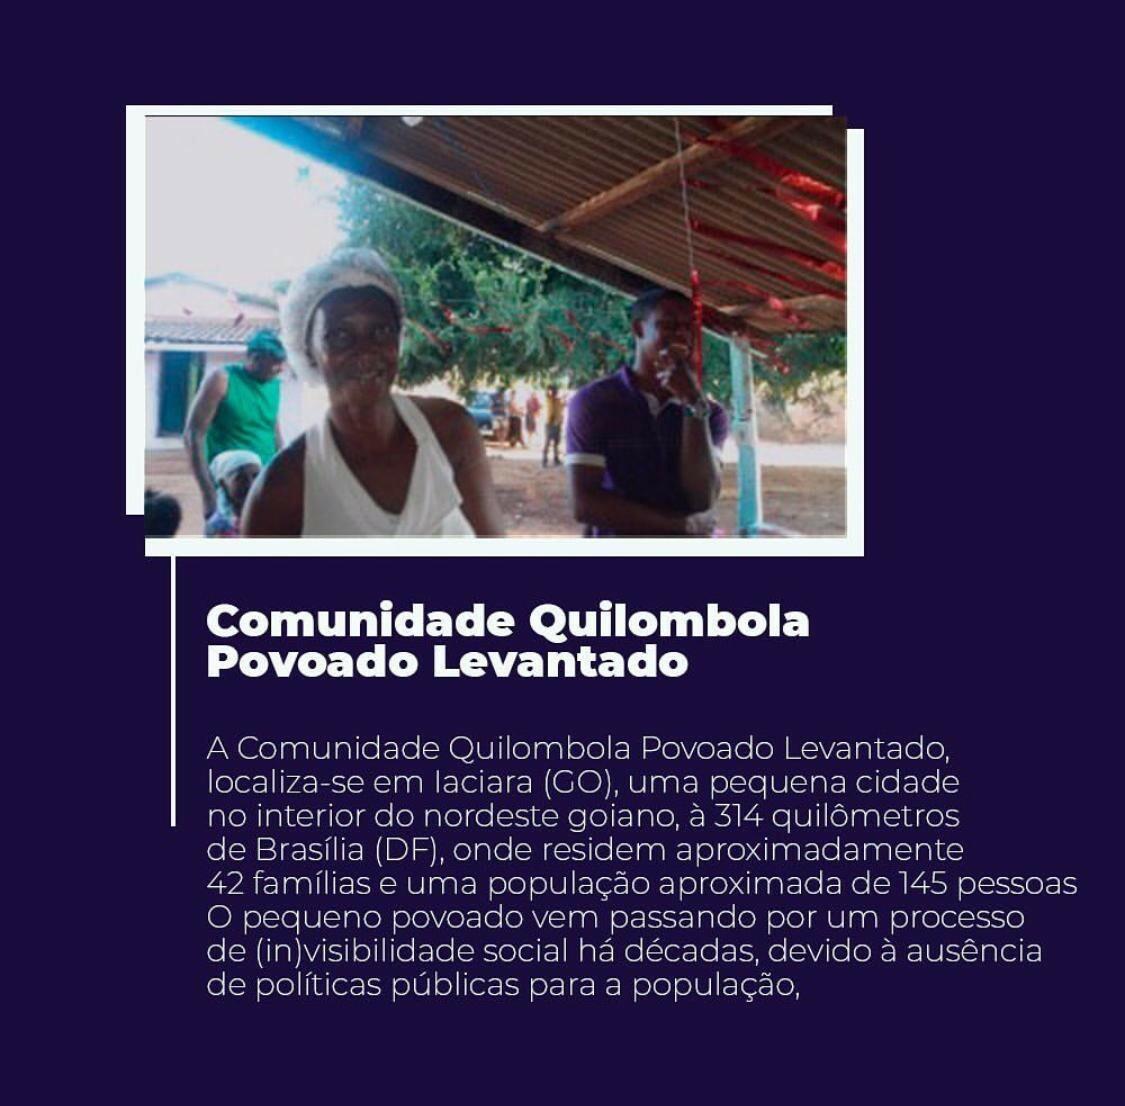 Comunidade Quilombola Povoado Levantado